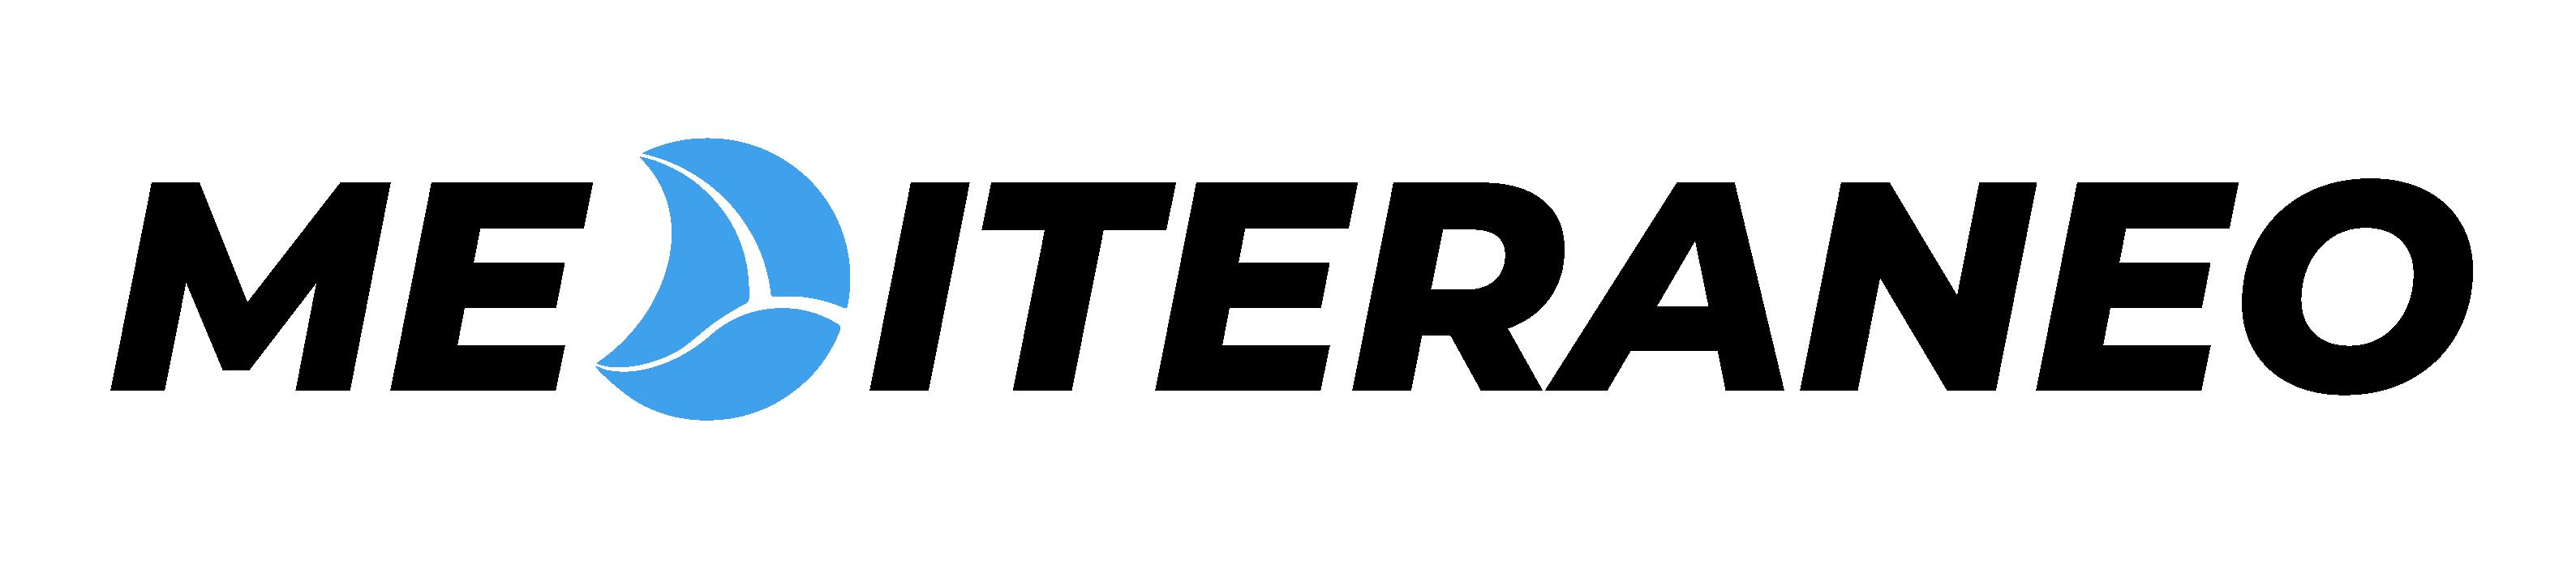 MEDITERANEO KRK